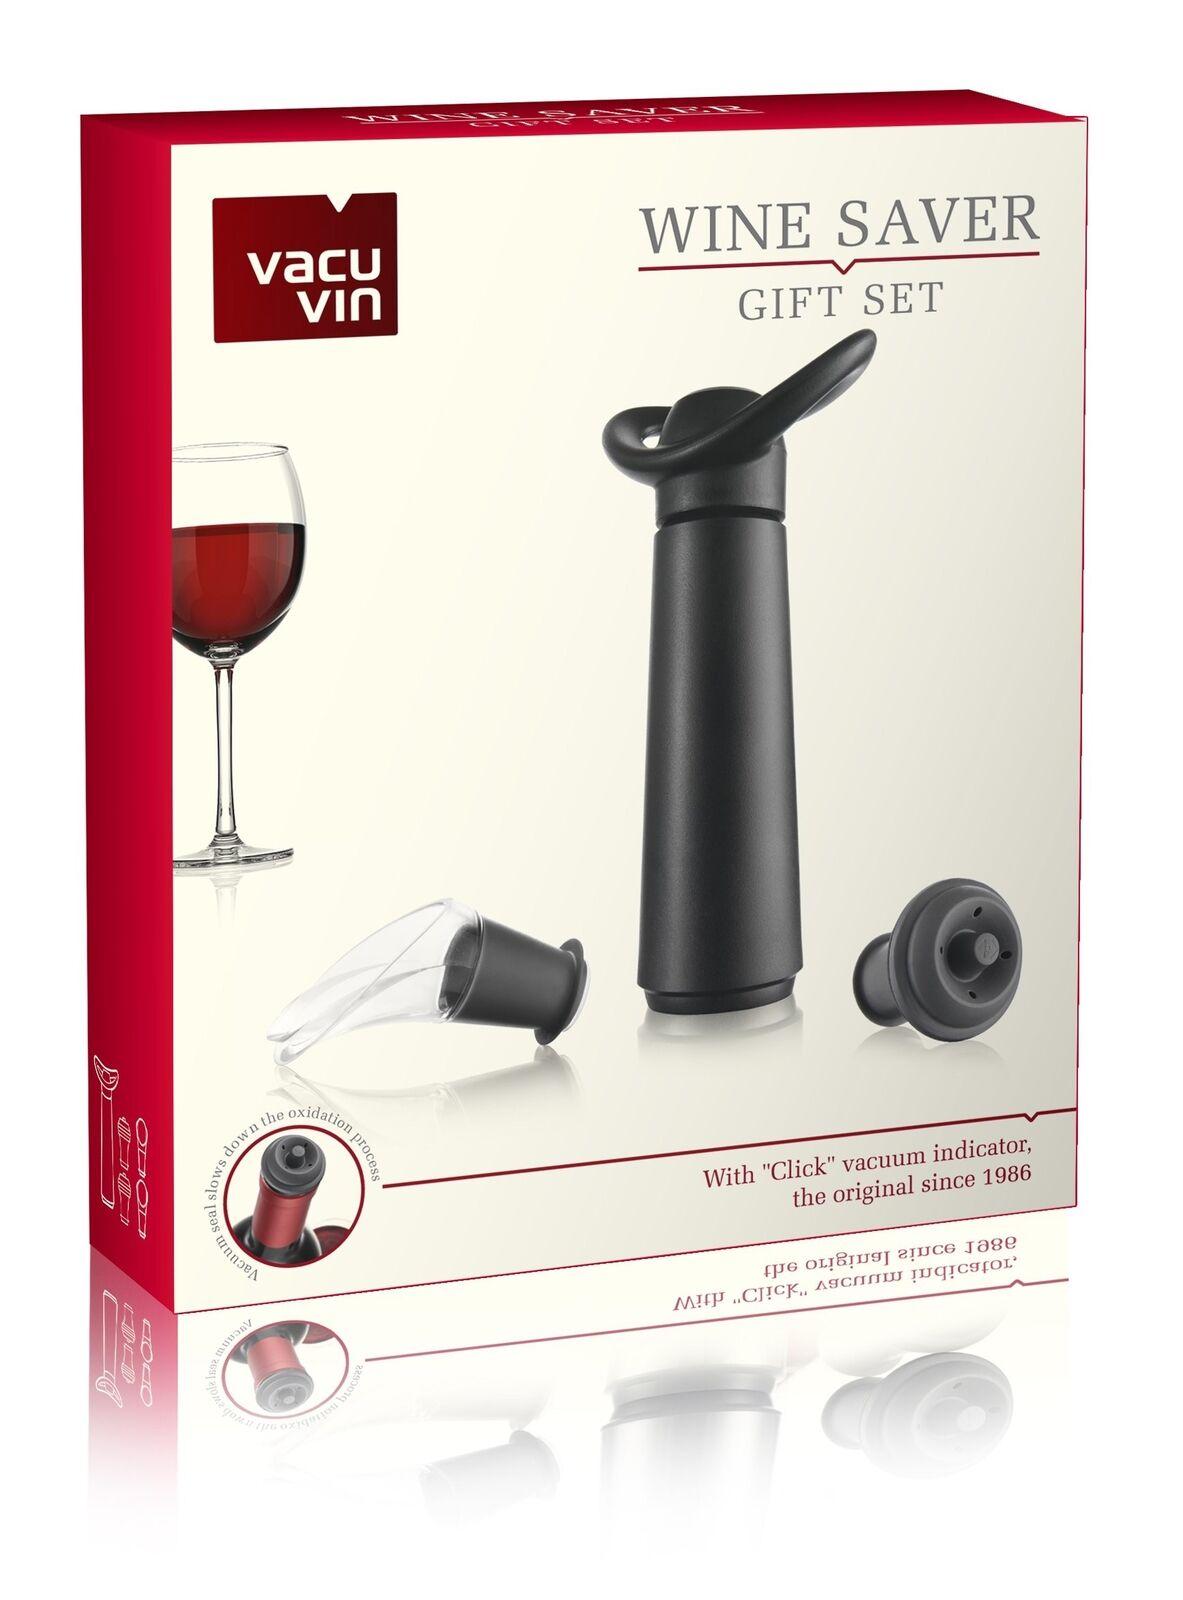 进口荷兰vacu vin红酒塞套装葡萄酒真空抽气筒引酒器保鲜真空瓶塞